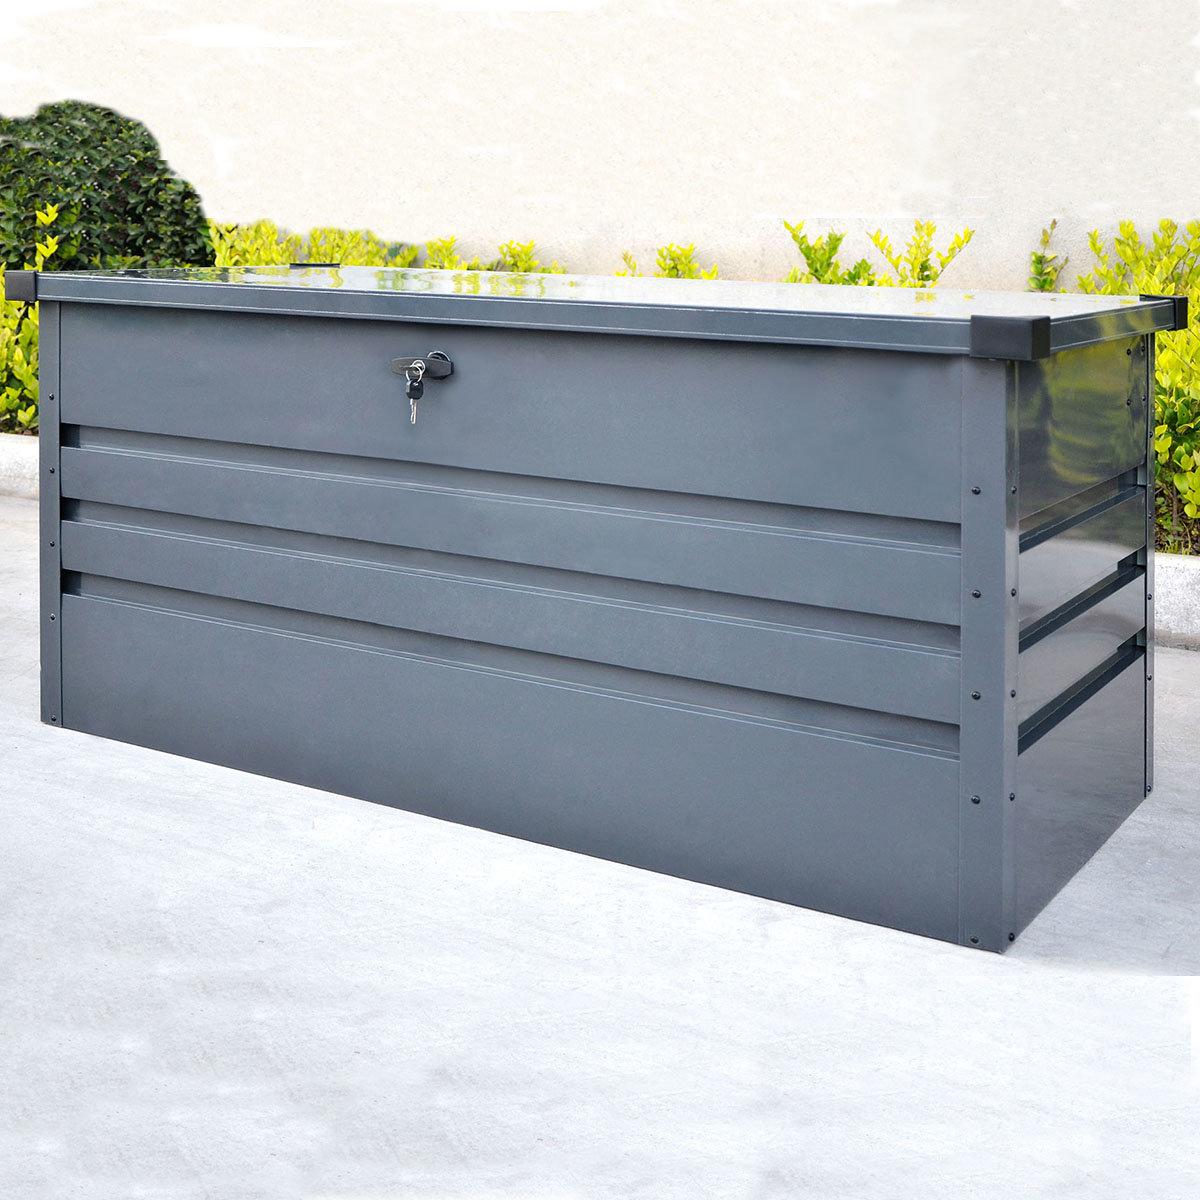 Auflagenbox Mega, mit Bodenplatte, verschließbar, 400 Liter Volumen